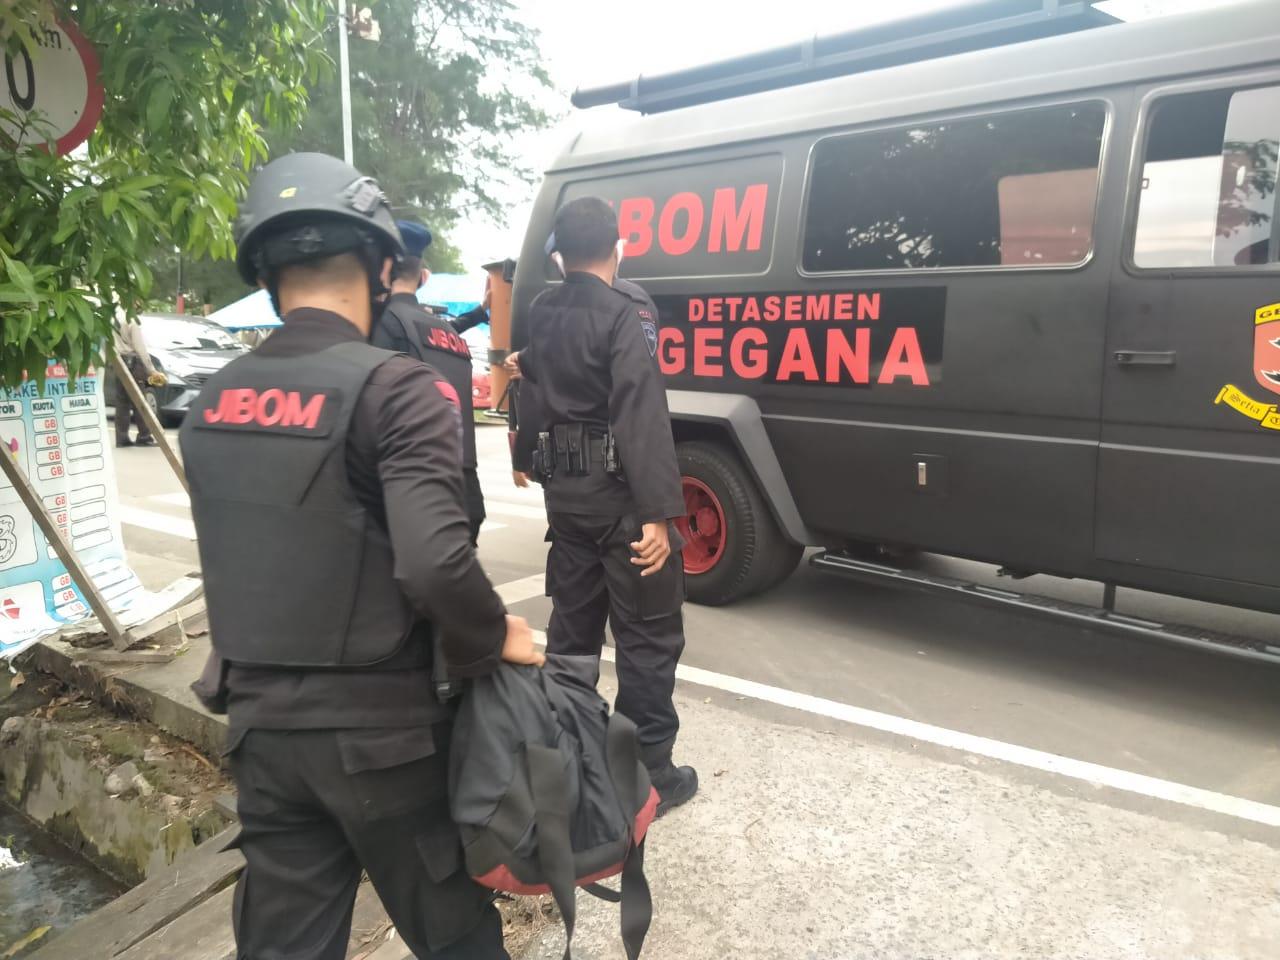 Jibom Gegana Polda Bengkulu Amankan Temuan Besi Yang Diduga Bahan Peledak